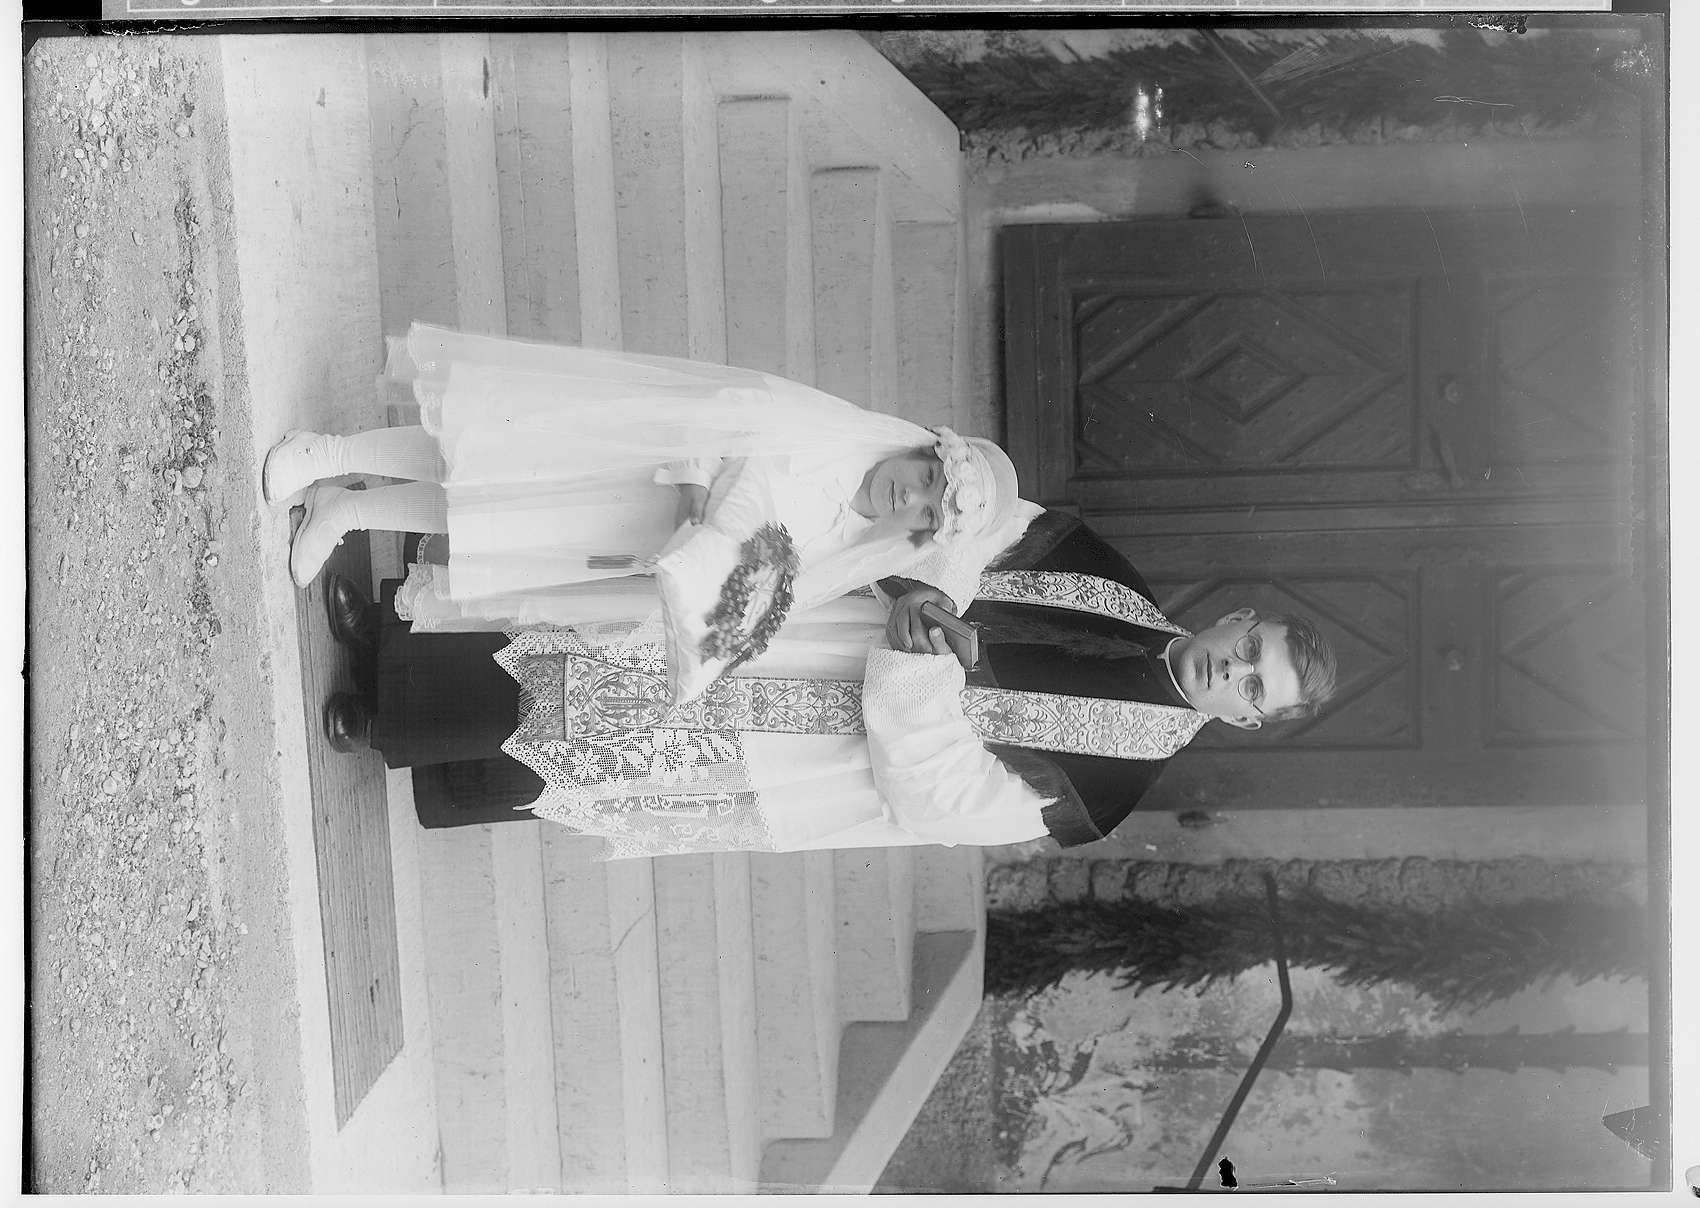 Primizfeier Burth, Krauchenwies; Priester mit Primizbräutchen vor dem Kircheneingang, Bild 1